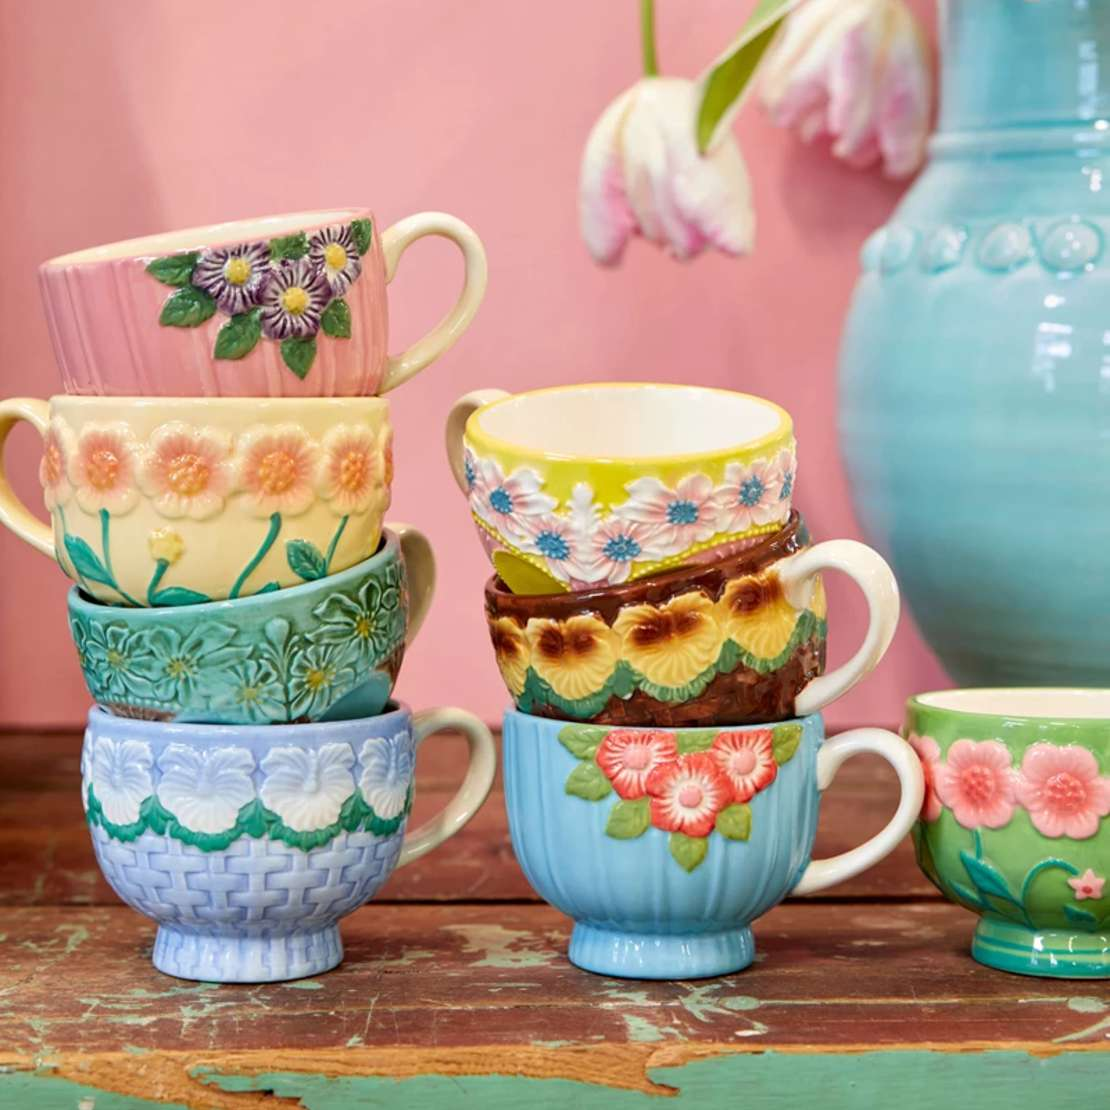 Rice Ceramic Mugs New In Homeware at Restoration Yard